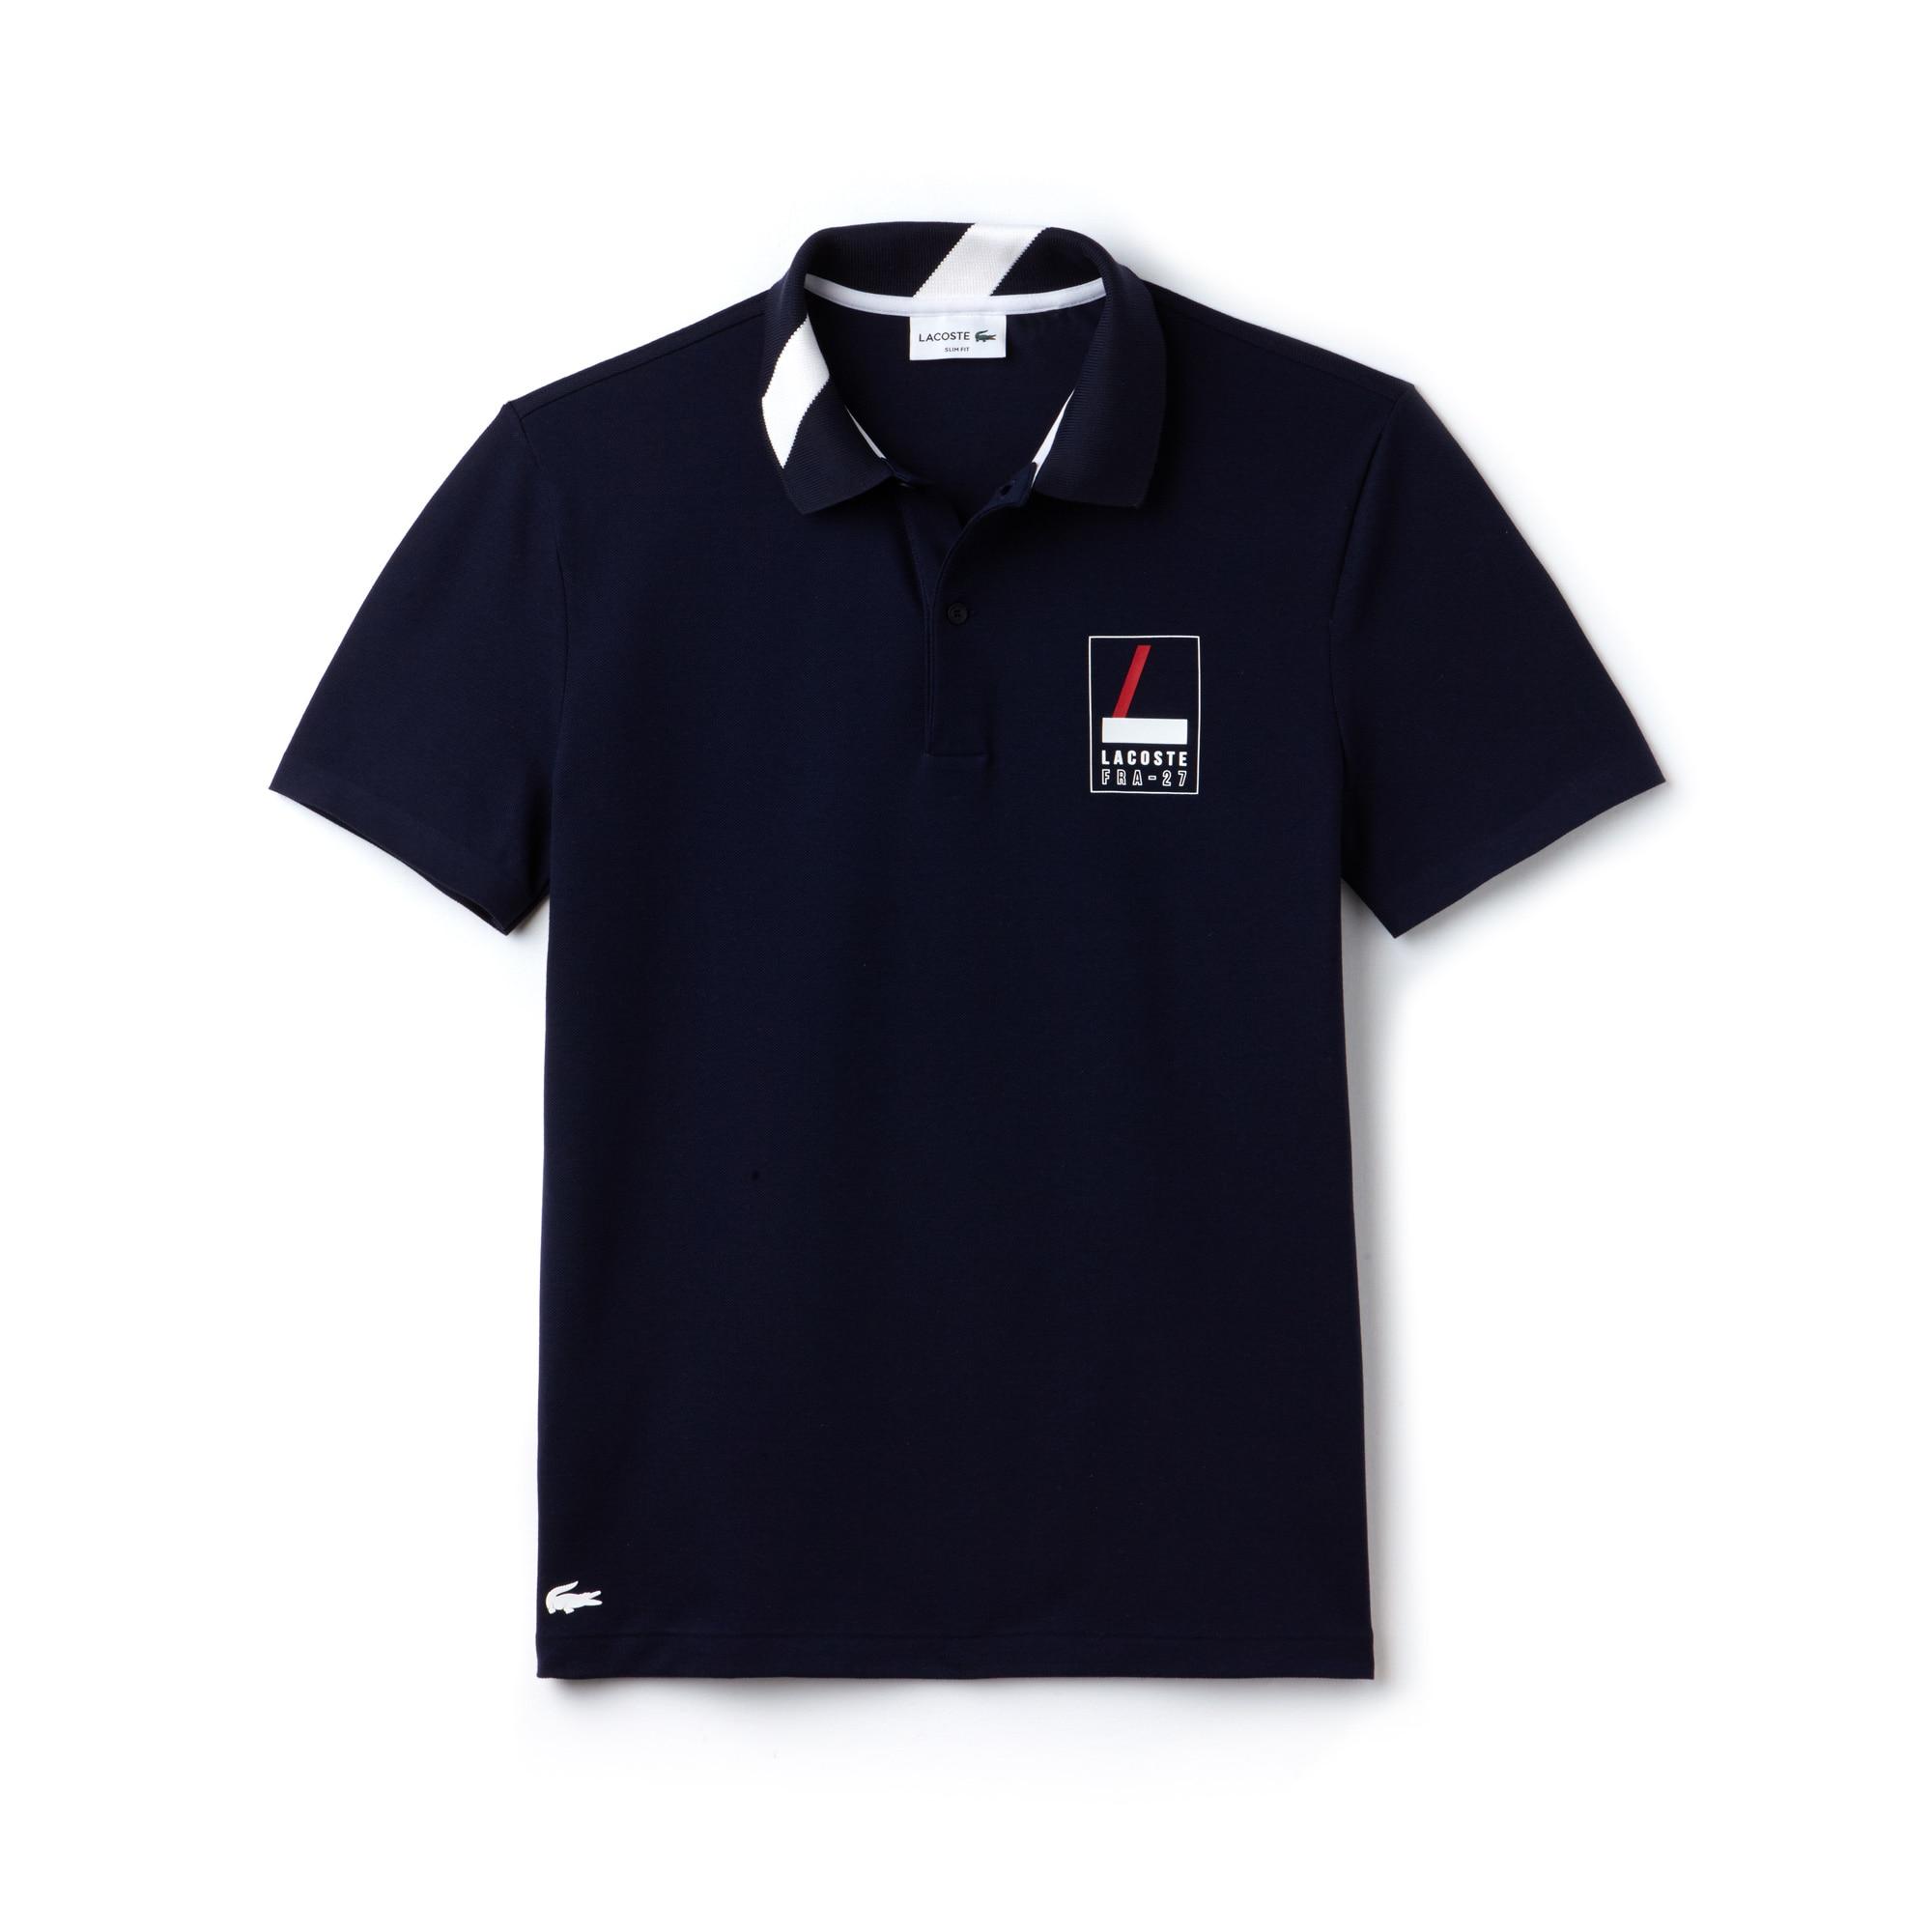 Lacoste - Polo De Hombre Lacoste Slim Fit En Mini Piqué Elástico Con Inscripción - 4